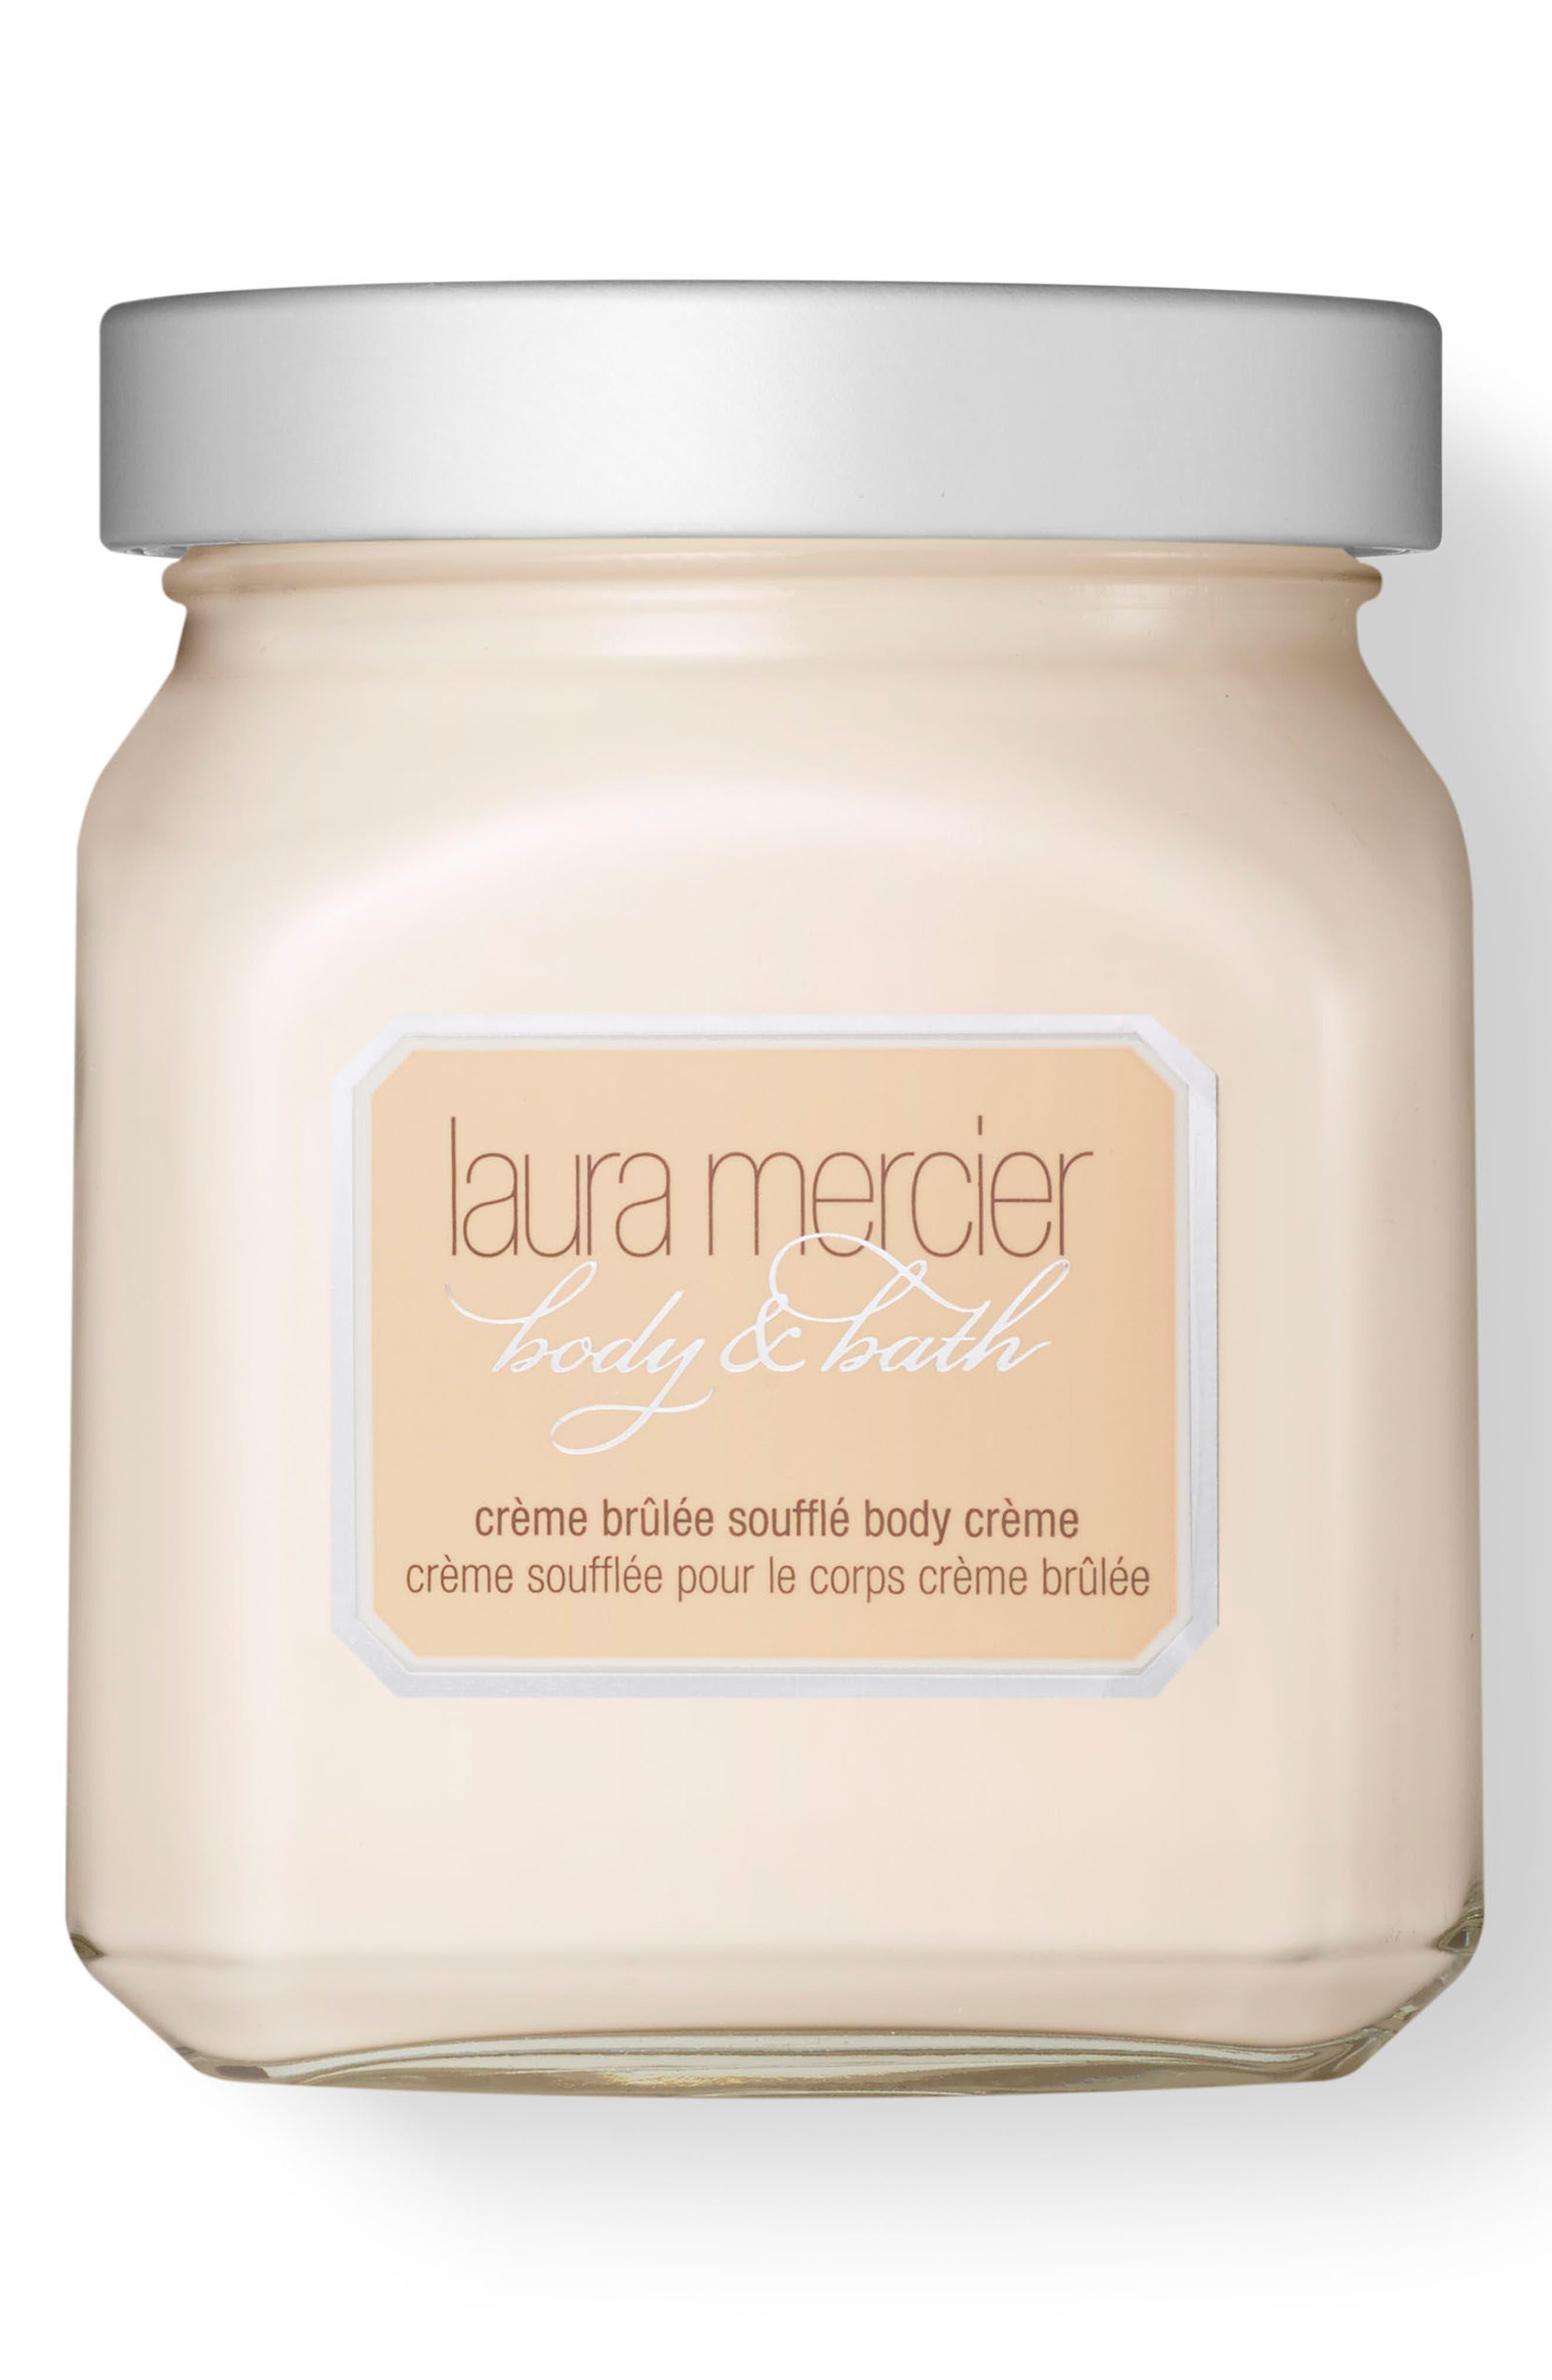 Laura Mercier 'Crème Brûlée' Soufflé Body Crème